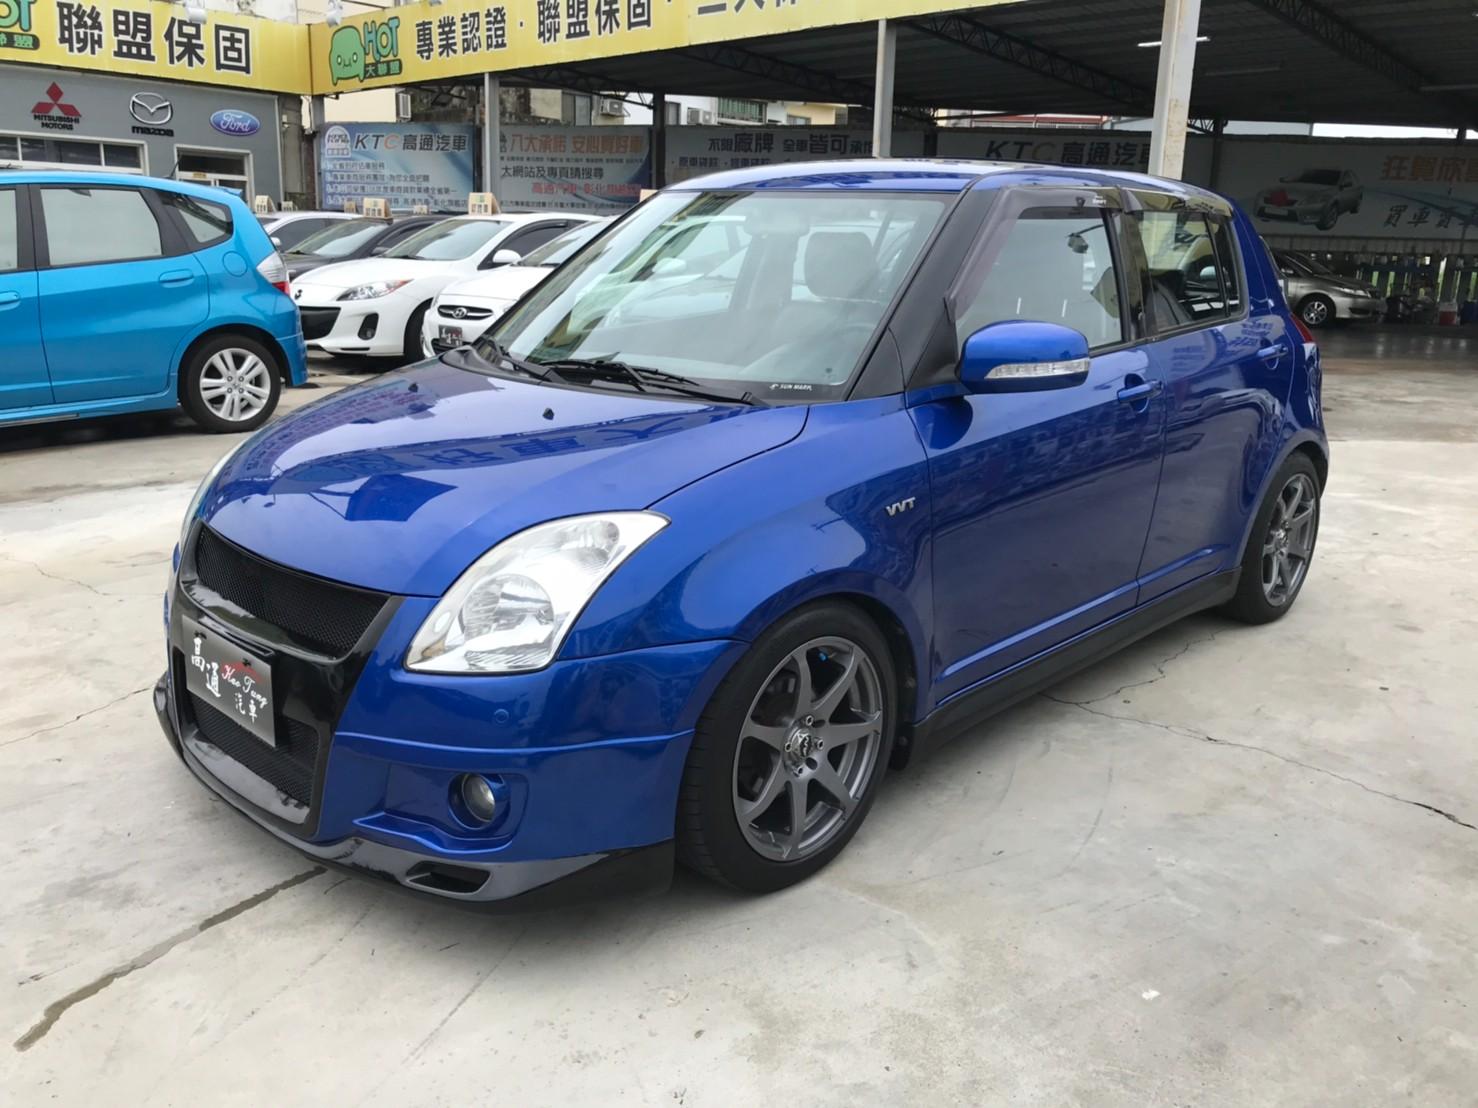 2008 Suzuki 鈴木 Swift